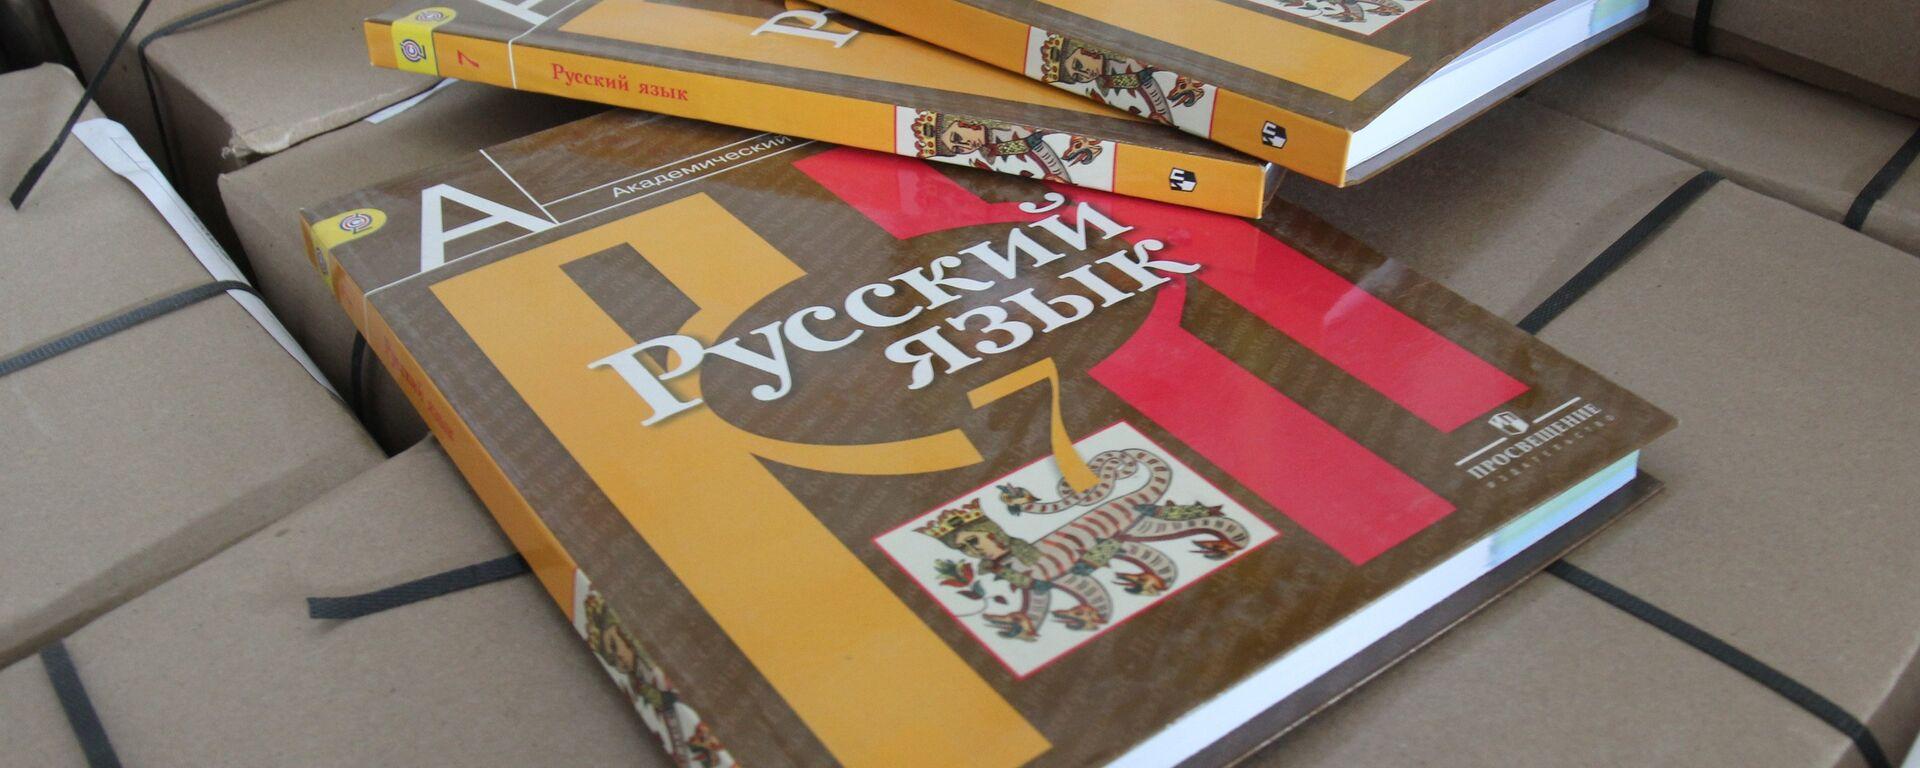 Учебники русского языка - Sputnik Латвия, 1920, 05.05.2020